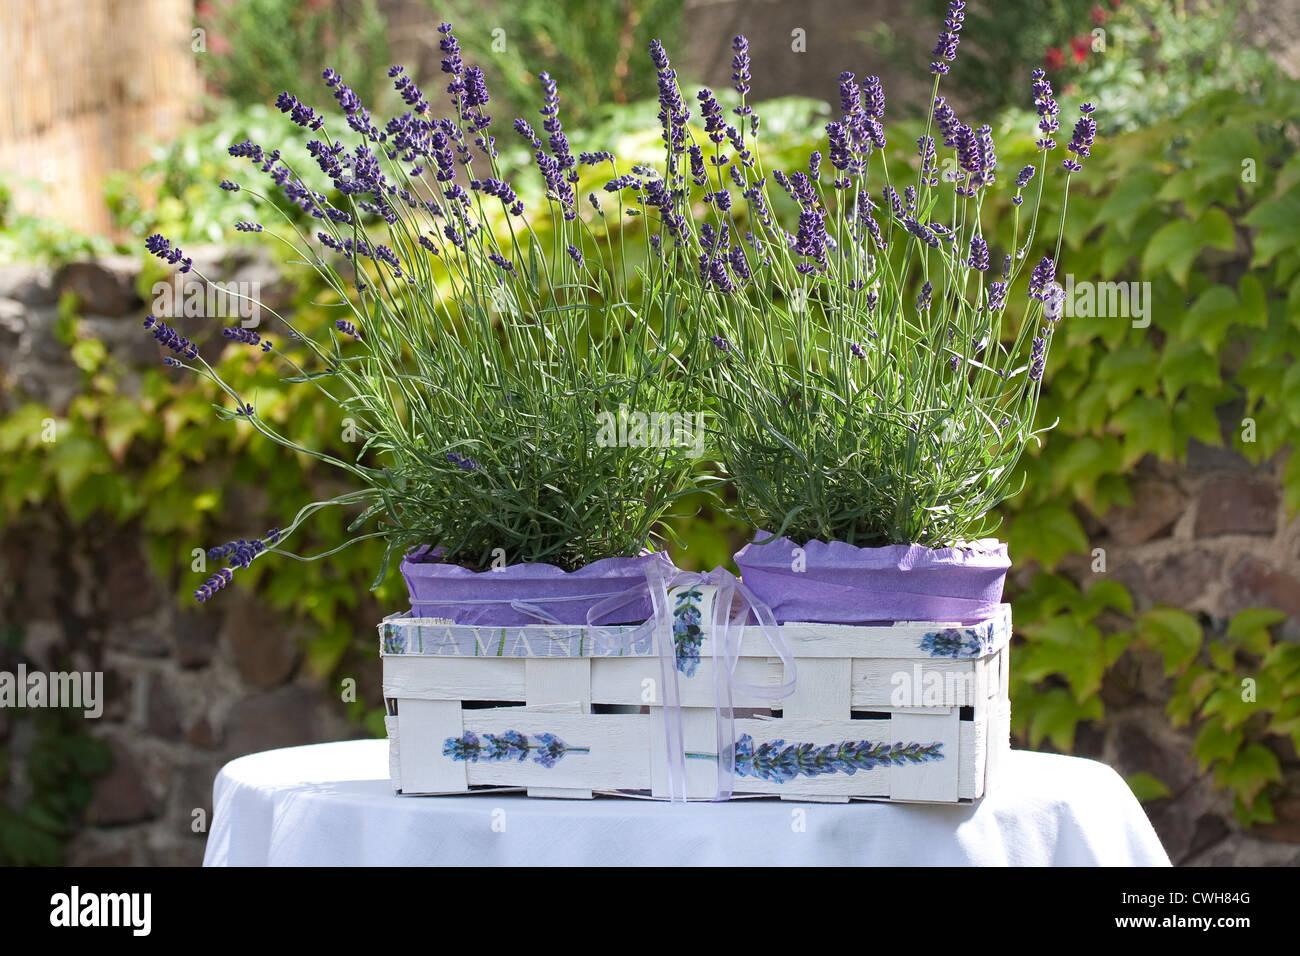 Lavendel dekoration stockfoto bild 50166720 alamy - Dekoration lavendel ...